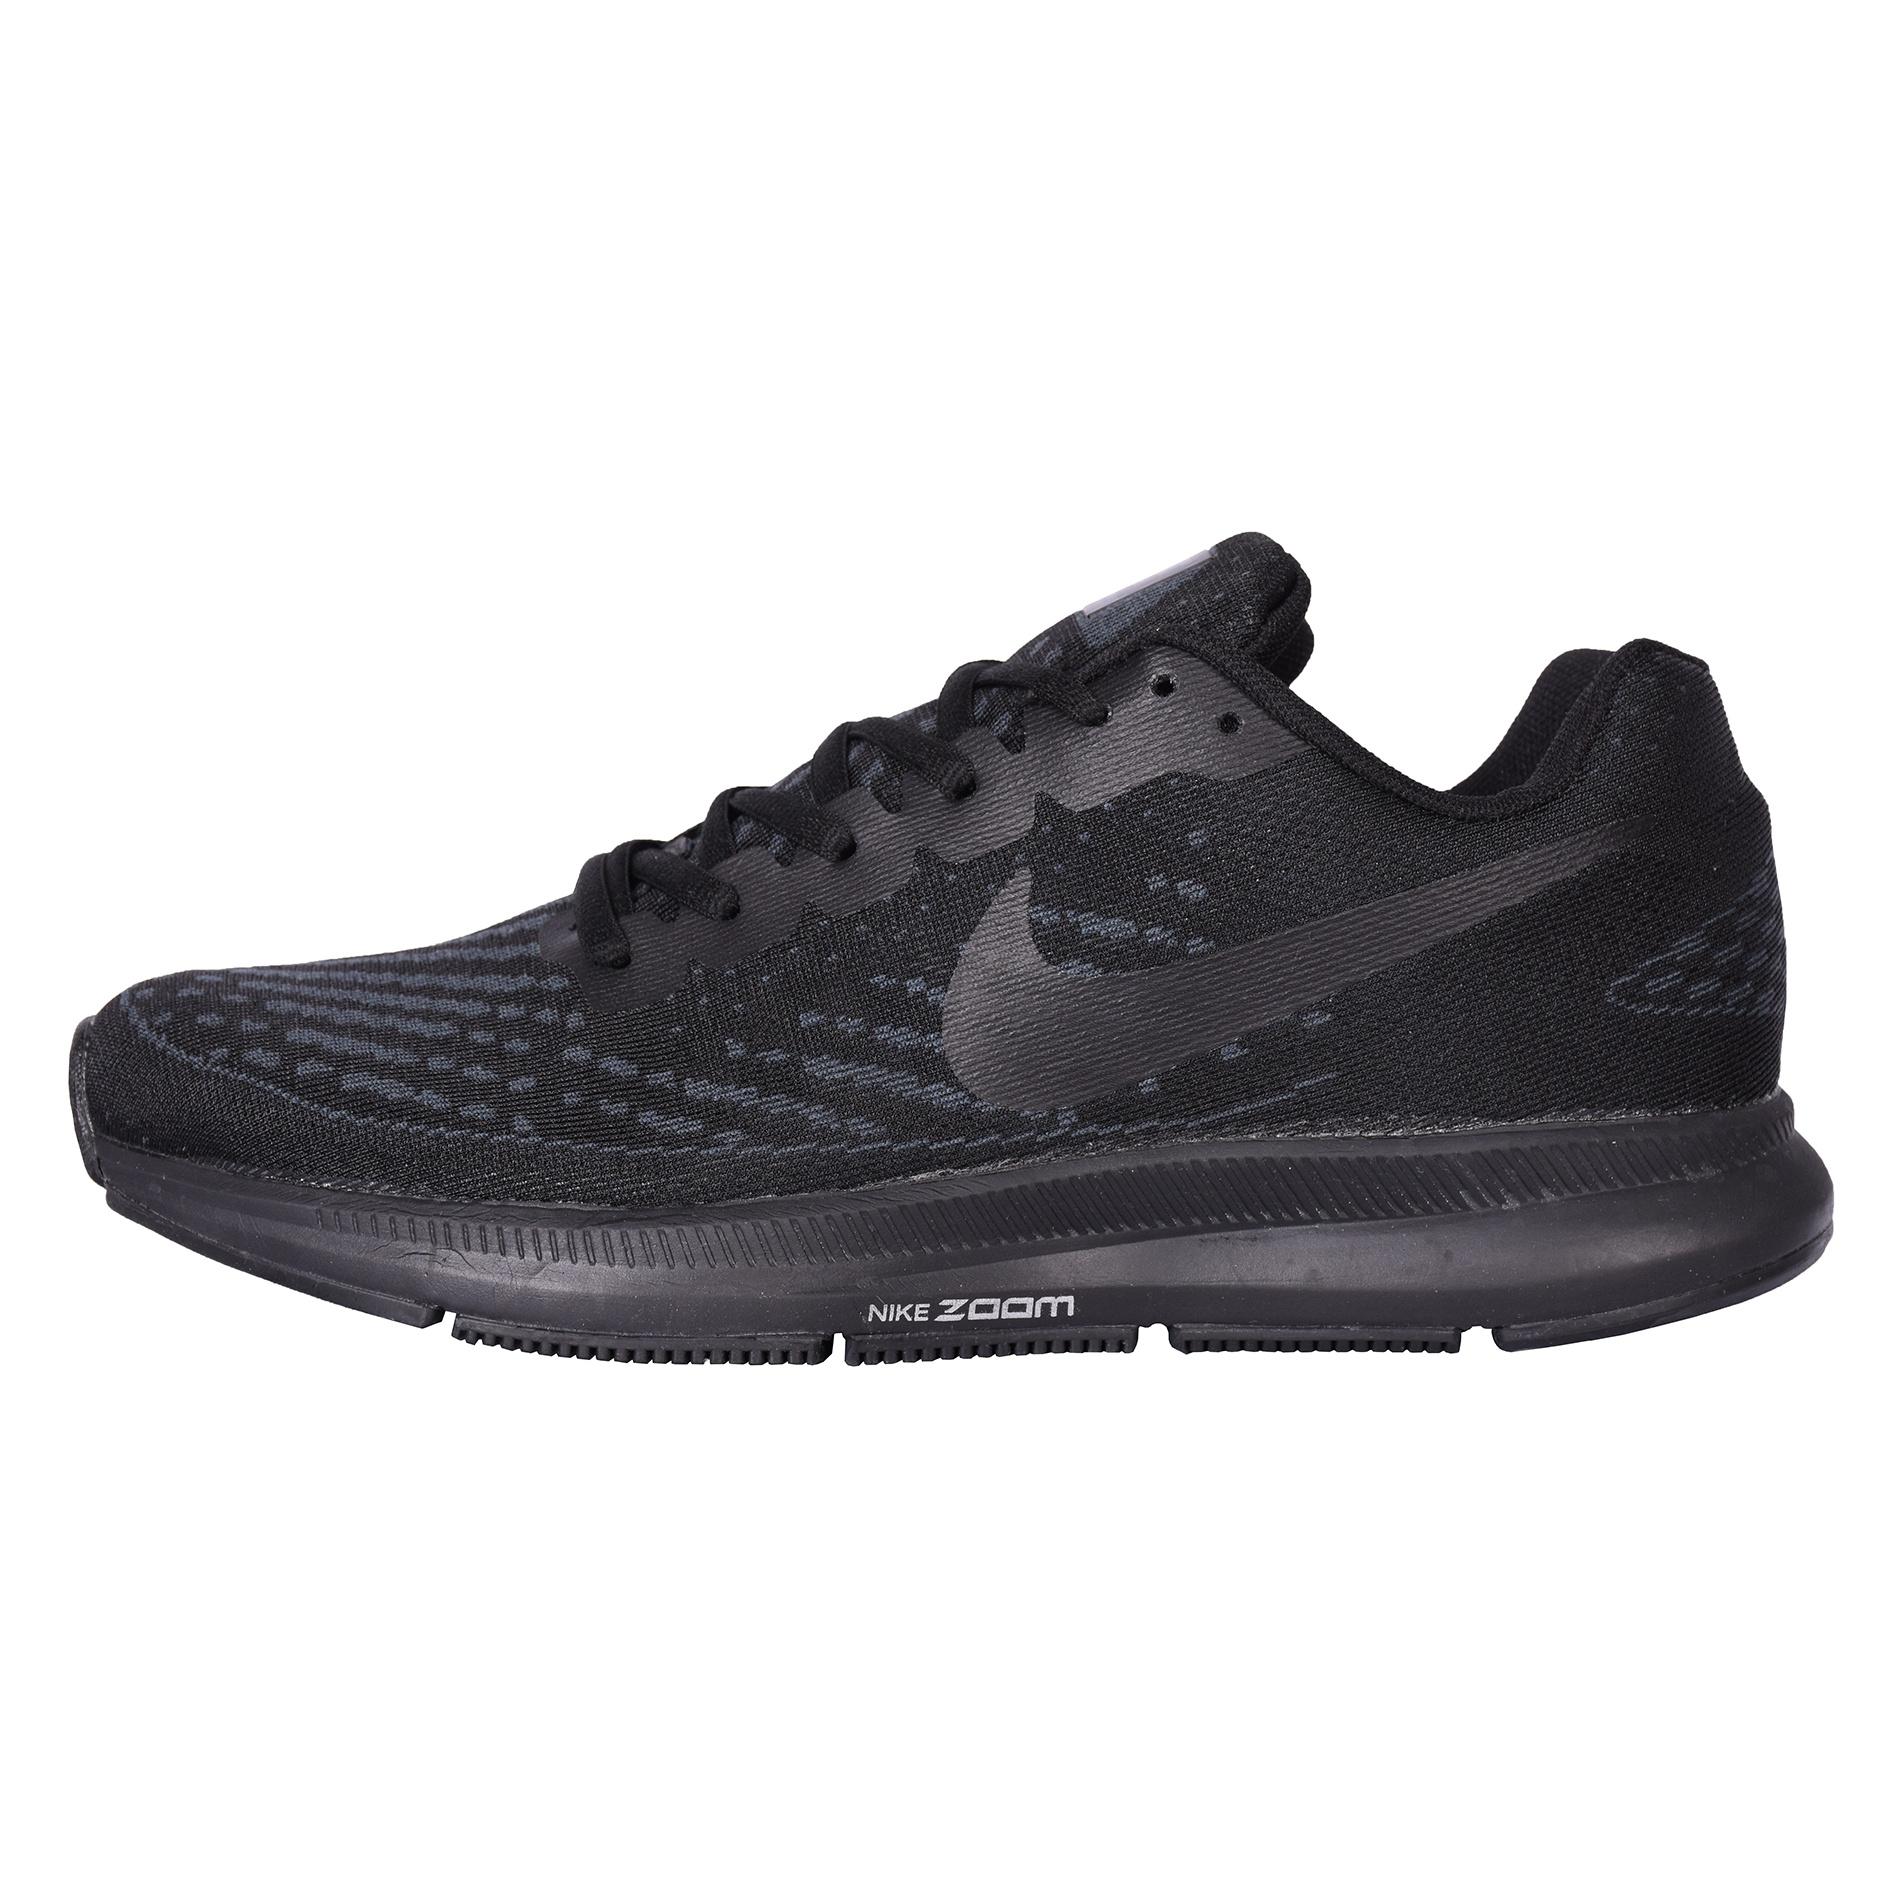 قیمت خرید کفش مخصوص پیاده روی مردانه مدل NIflyknitBL اورجینال